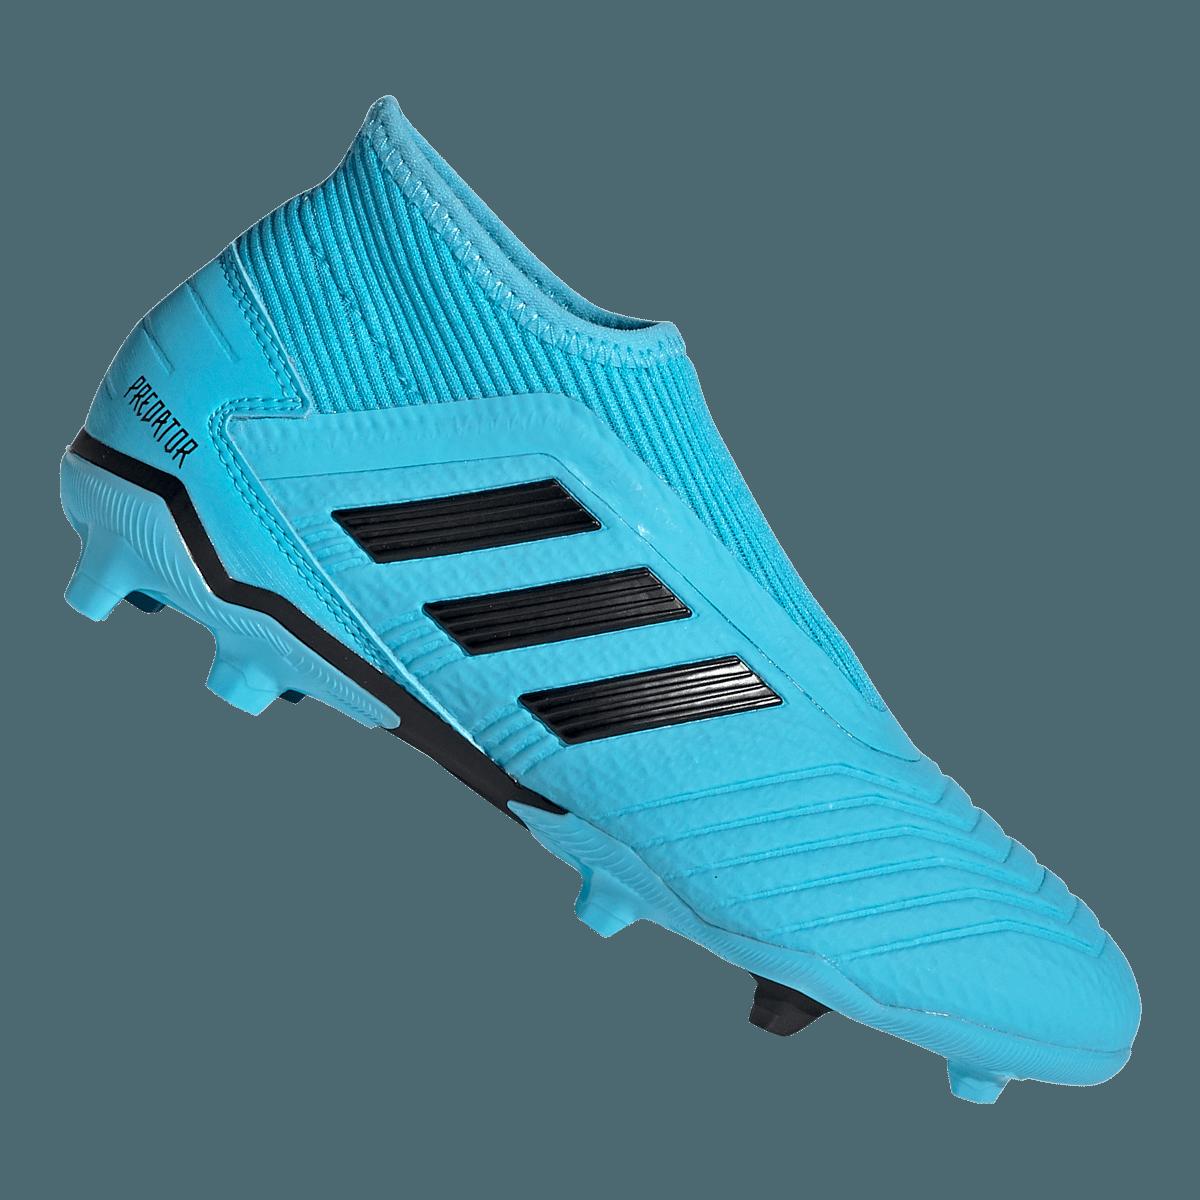 adidas voetbalschoenen kinderen Predator 19.3 LL FG J lichtblauwzwart